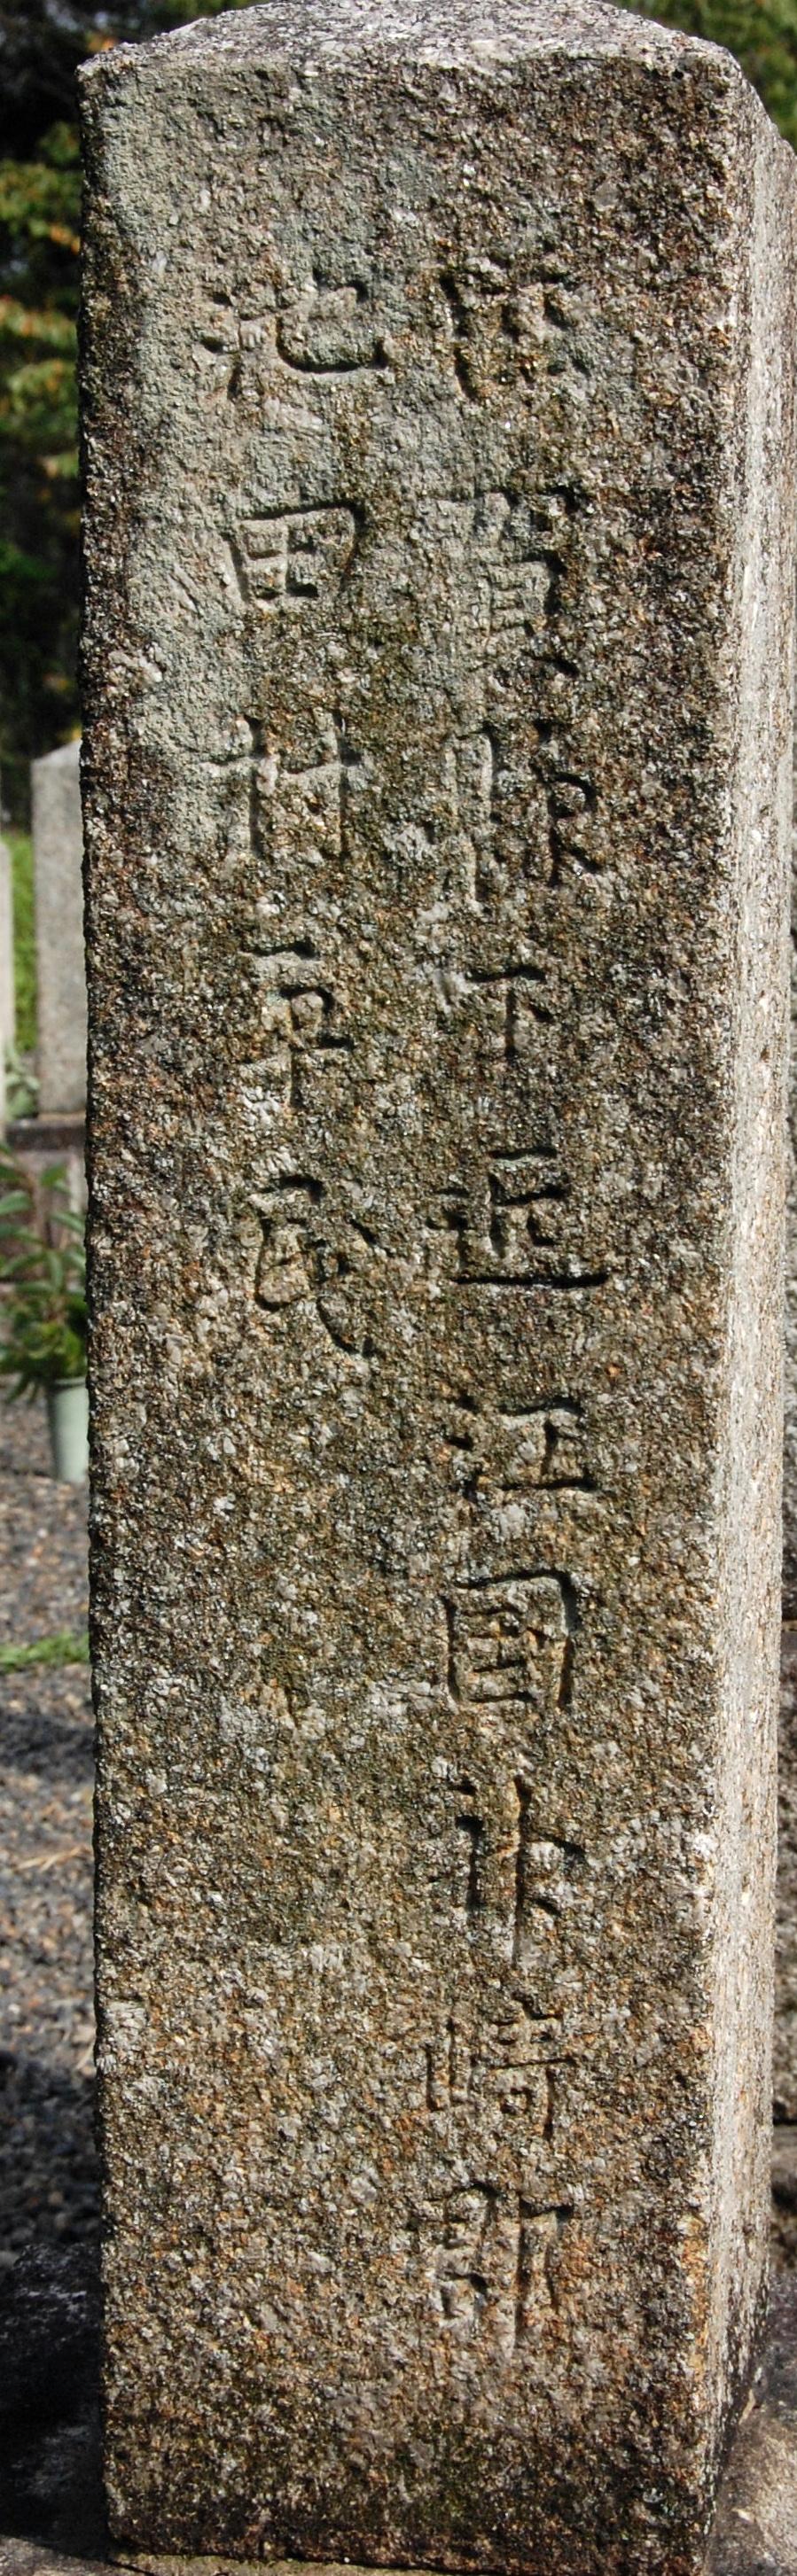 「滋賀縣下近江国神崎郡」出身の二等卒の墓碑